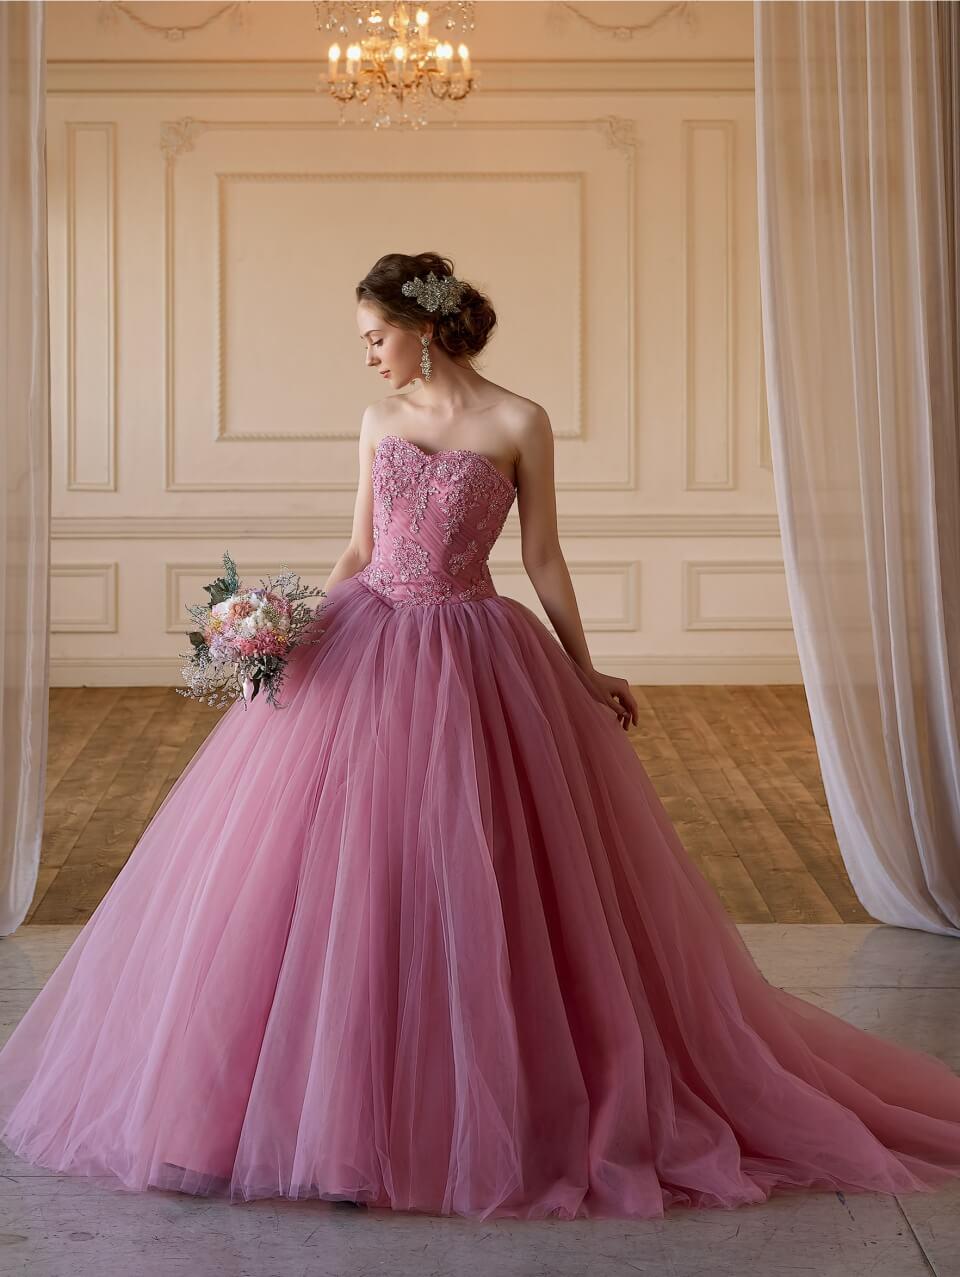 トレンドなグレイッシュなカラードレスが豊富♪スタイリッシュなカラードレスのご試着フェア!